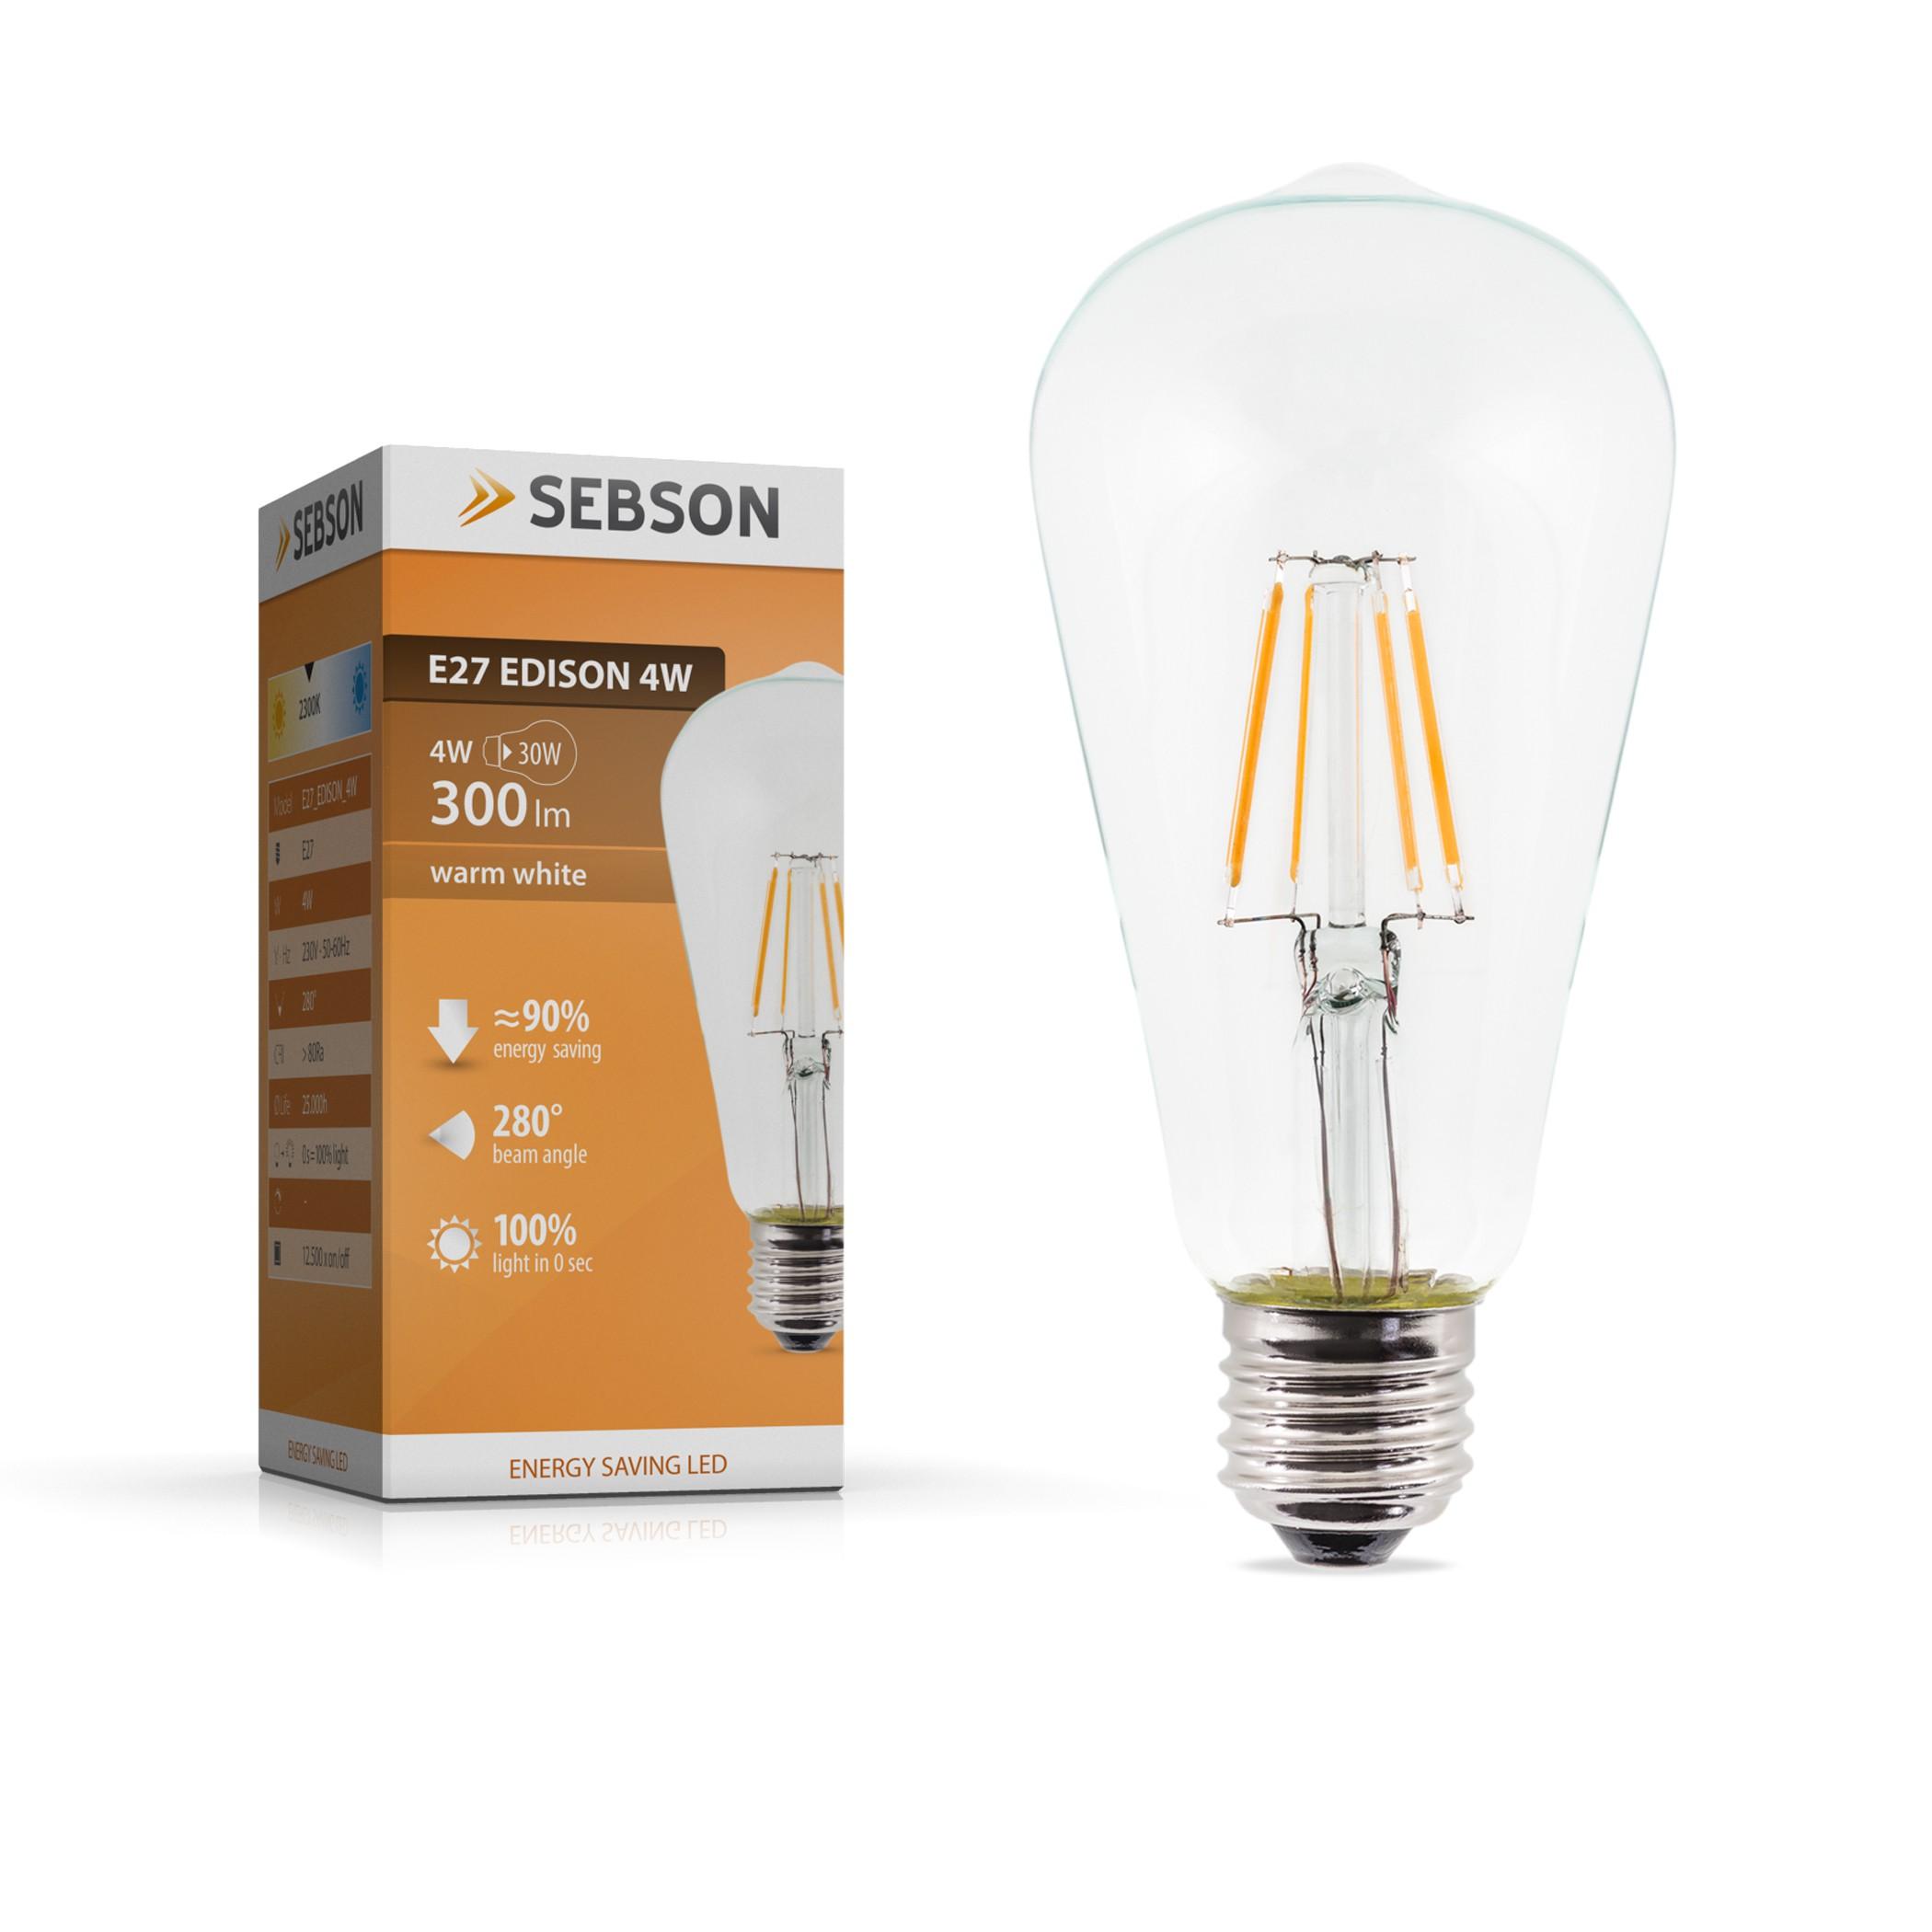 E27 Edison 4W